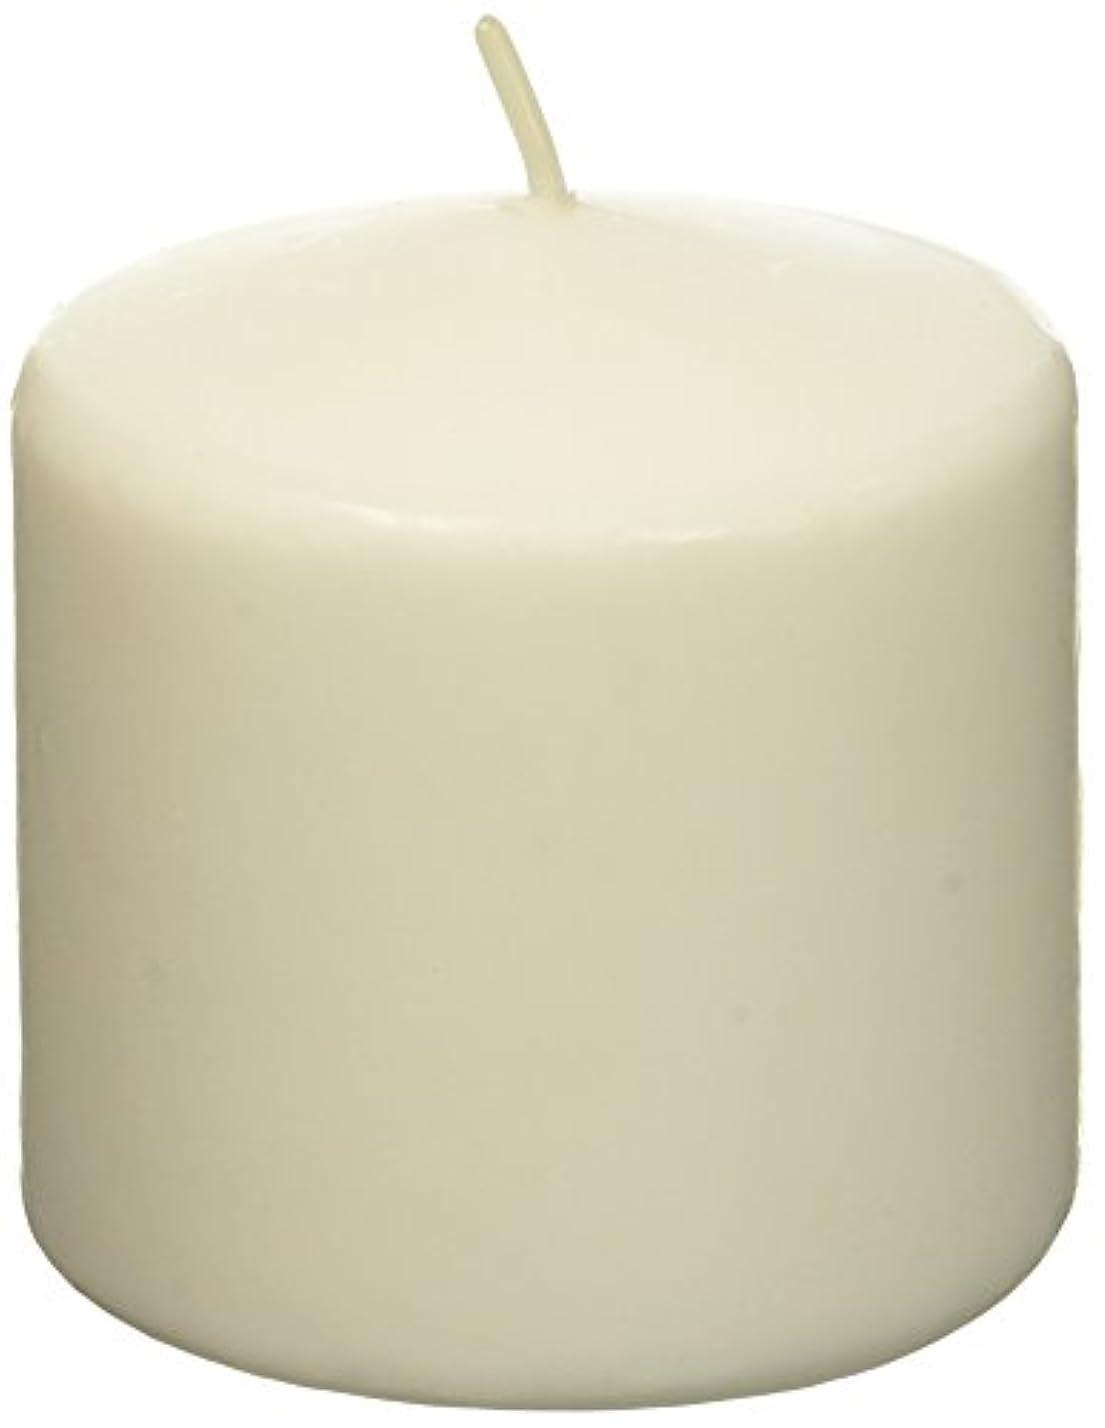 踏み台スライス広くZest Candle CPZ-007-12 3 x 3 in. White Pillar Candles -12pcs-Case- Bulk